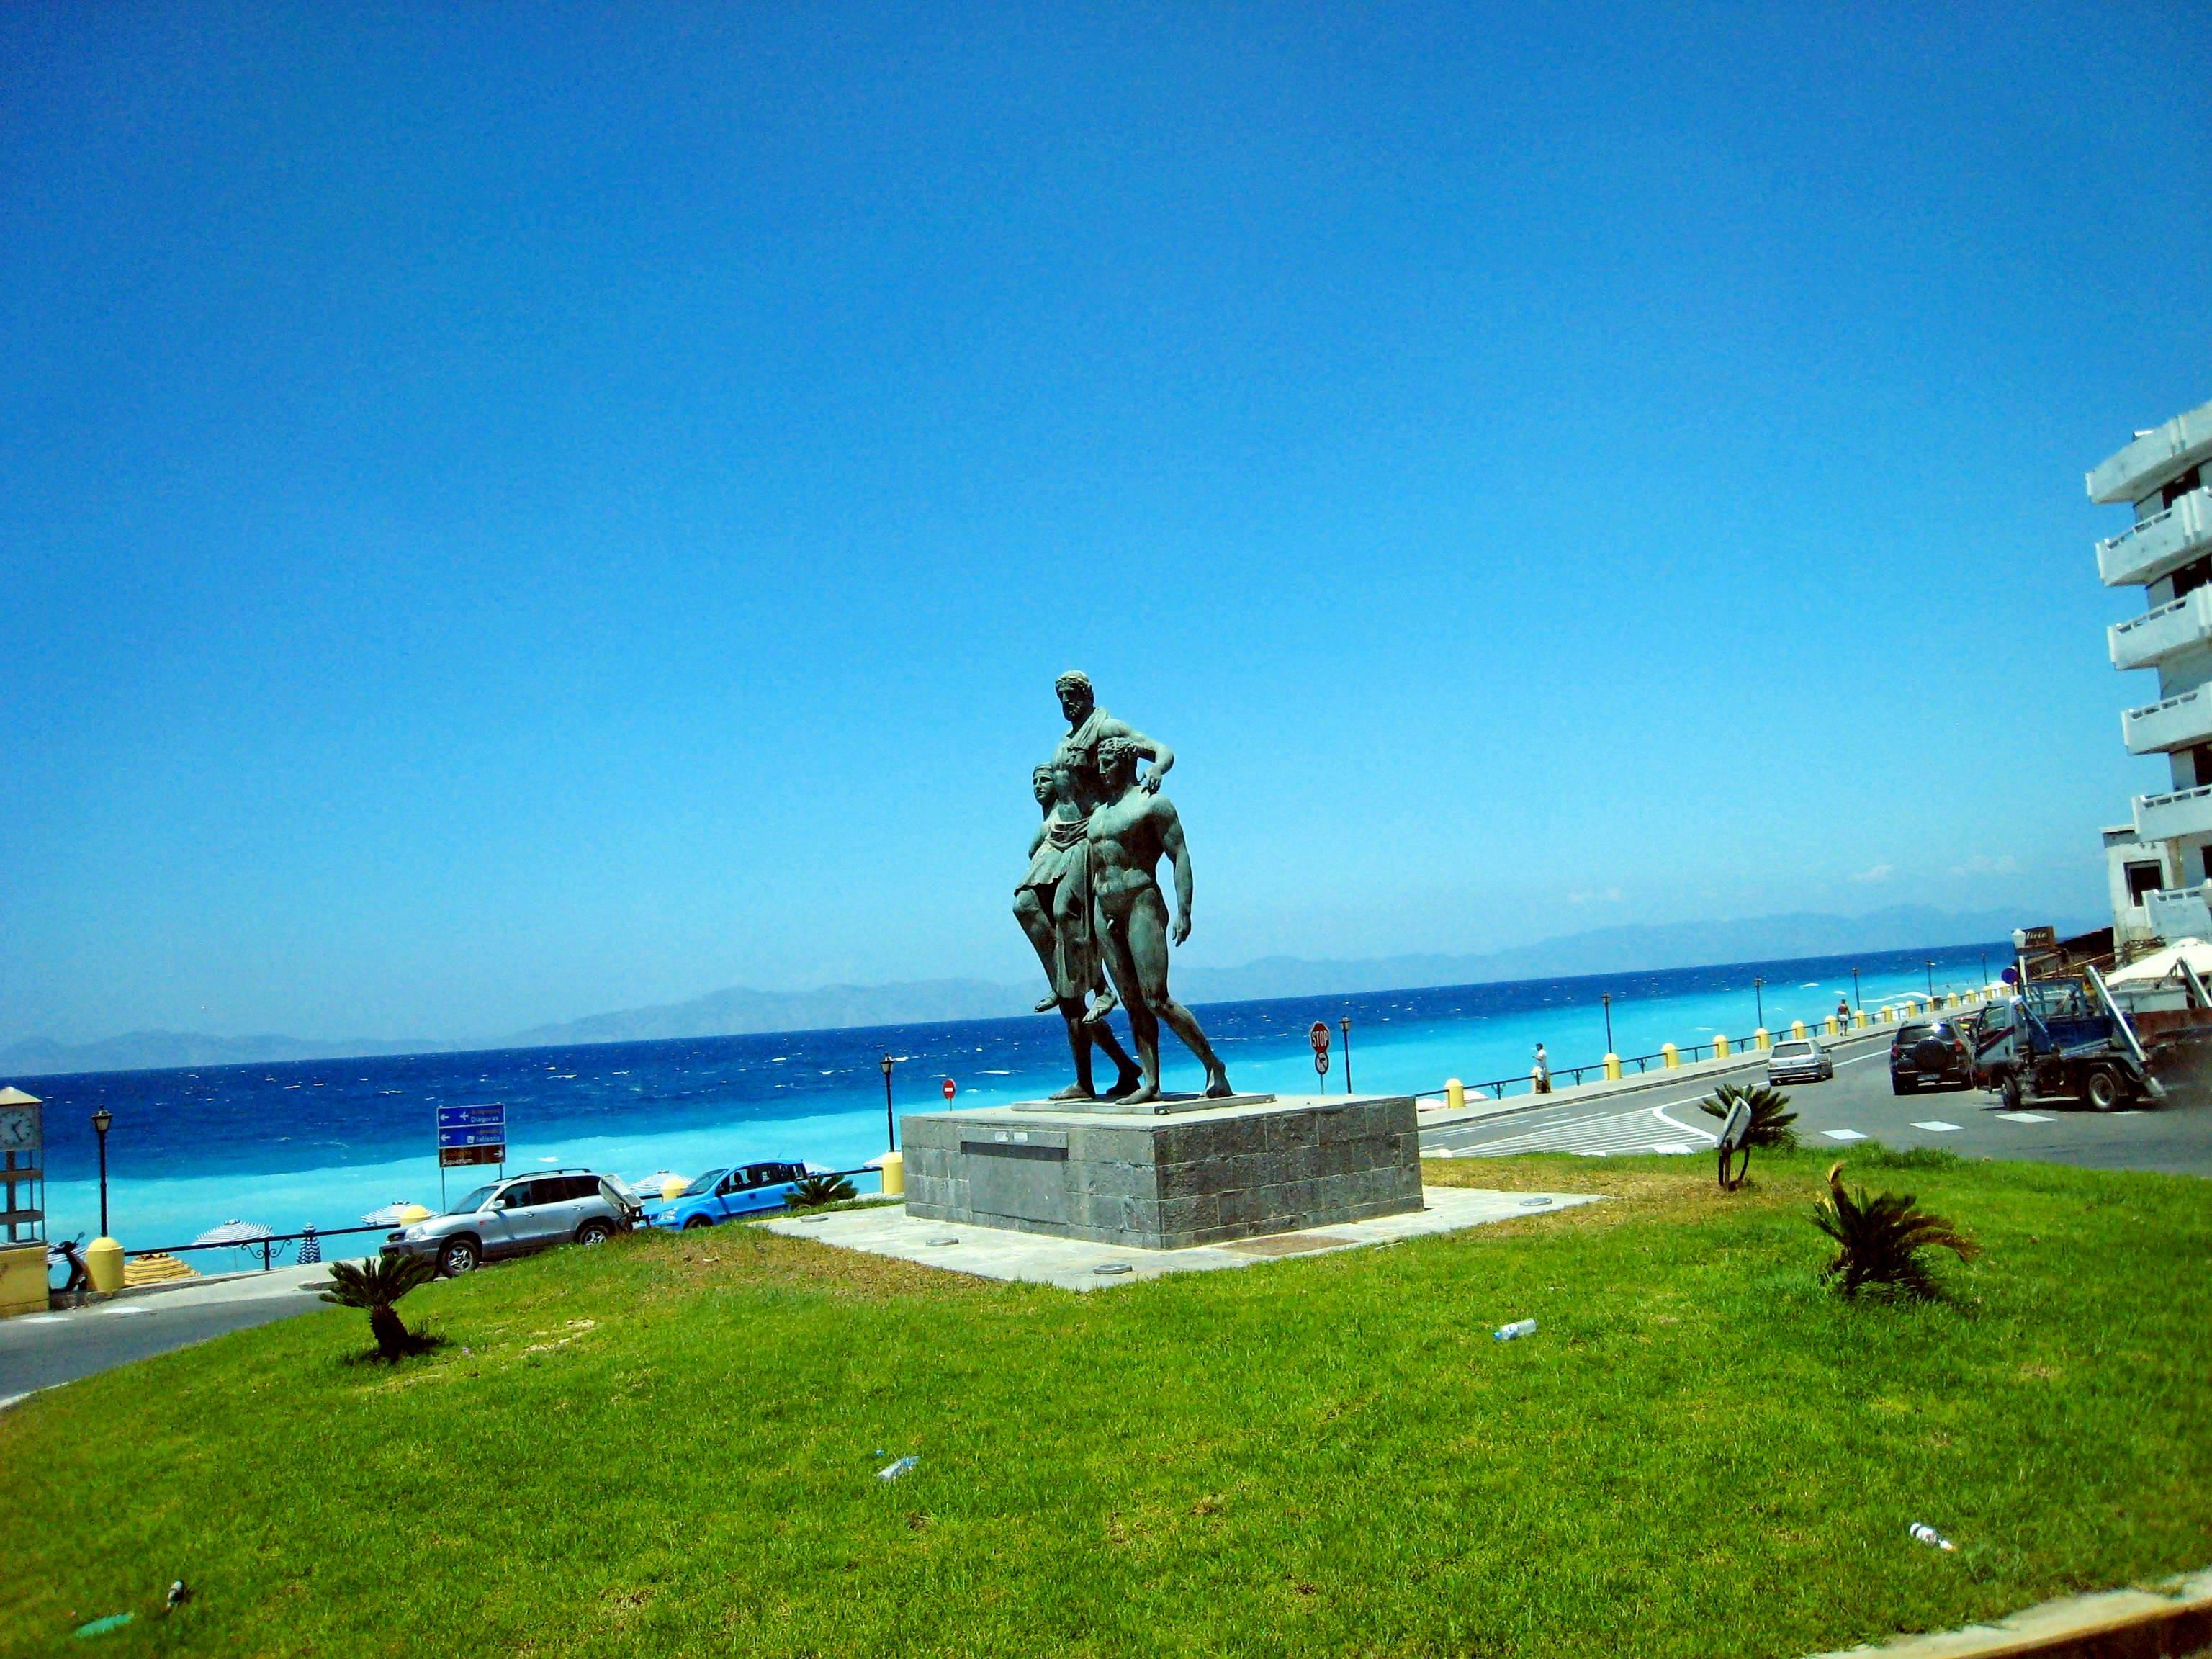 Памятник античному олимпионику Дионисису с сыновьями